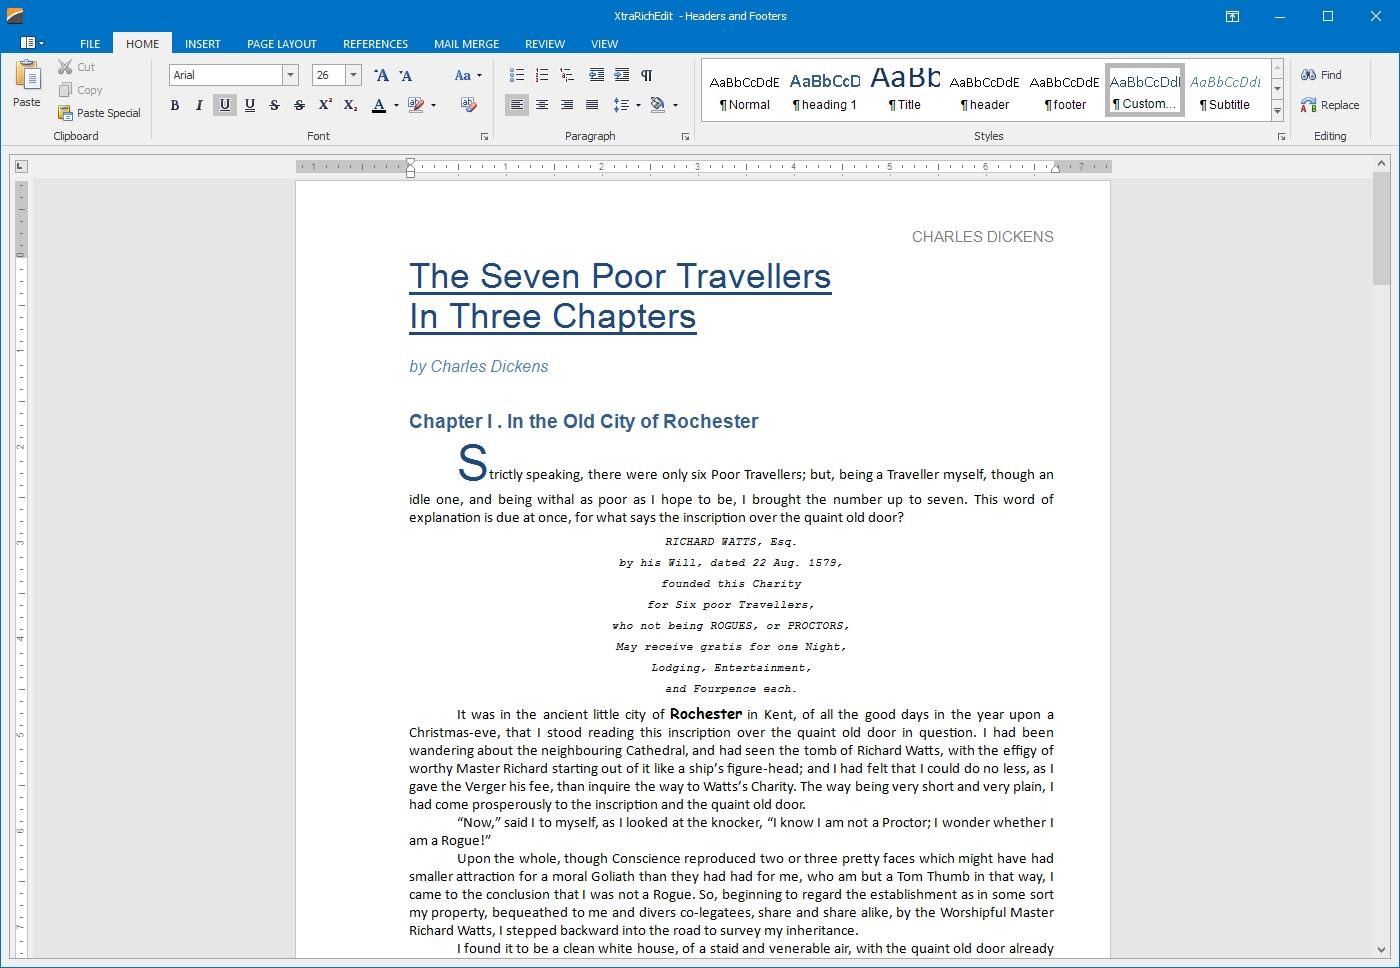 DevExpress Winforms Controls界面预览:winforms-rich-text-editor